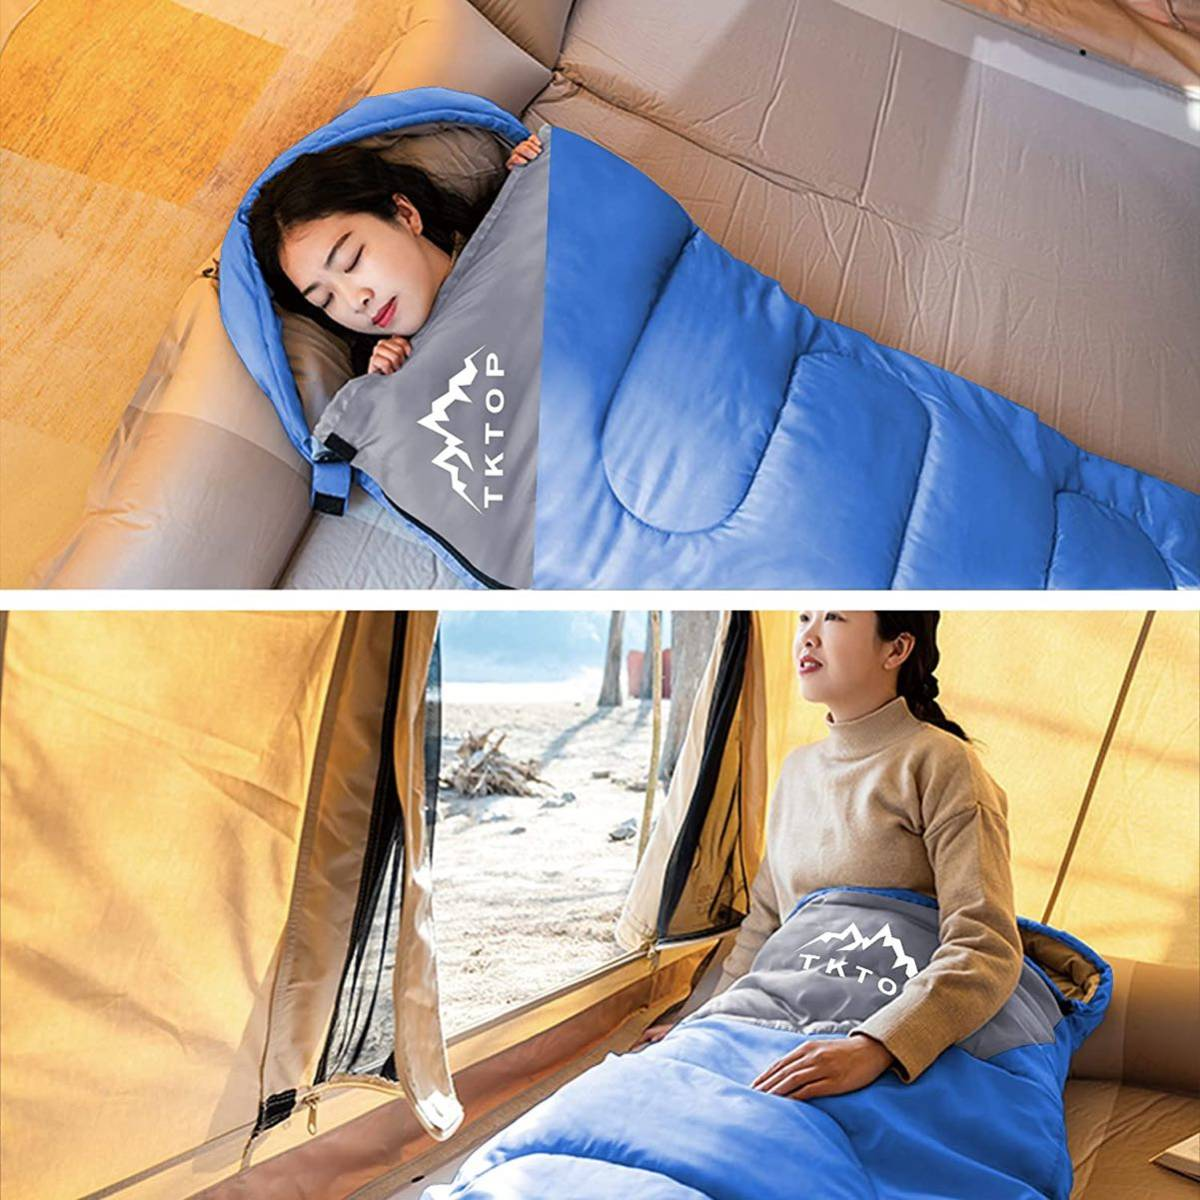 封筒型寝袋 軽量 キャンプ 丸洗い可能 保温210T防水シュラフ 収納パック付き